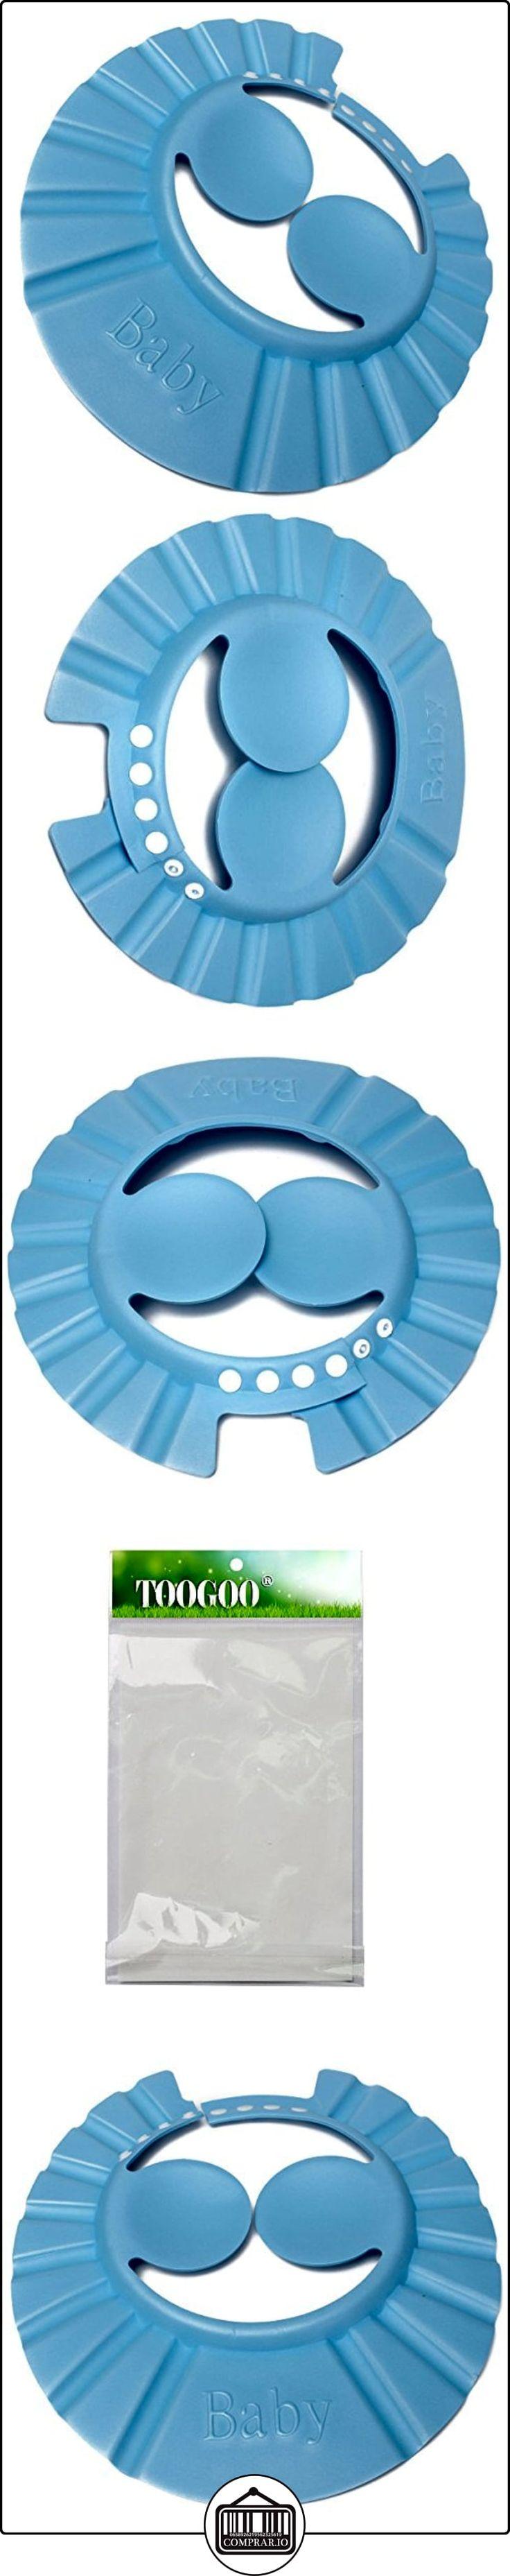 Gorro de ducha del bano - TOOGOO(R) Gorro de ducha del bano para lavar el pelo con champu para bebes infantiles ninos y muchachos azul  ✿ Seguridad para tu bebé - (Protege a tus hijos) ✿ ▬► Ver oferta: http://comprar.io/goto/B01EHQ8JYG